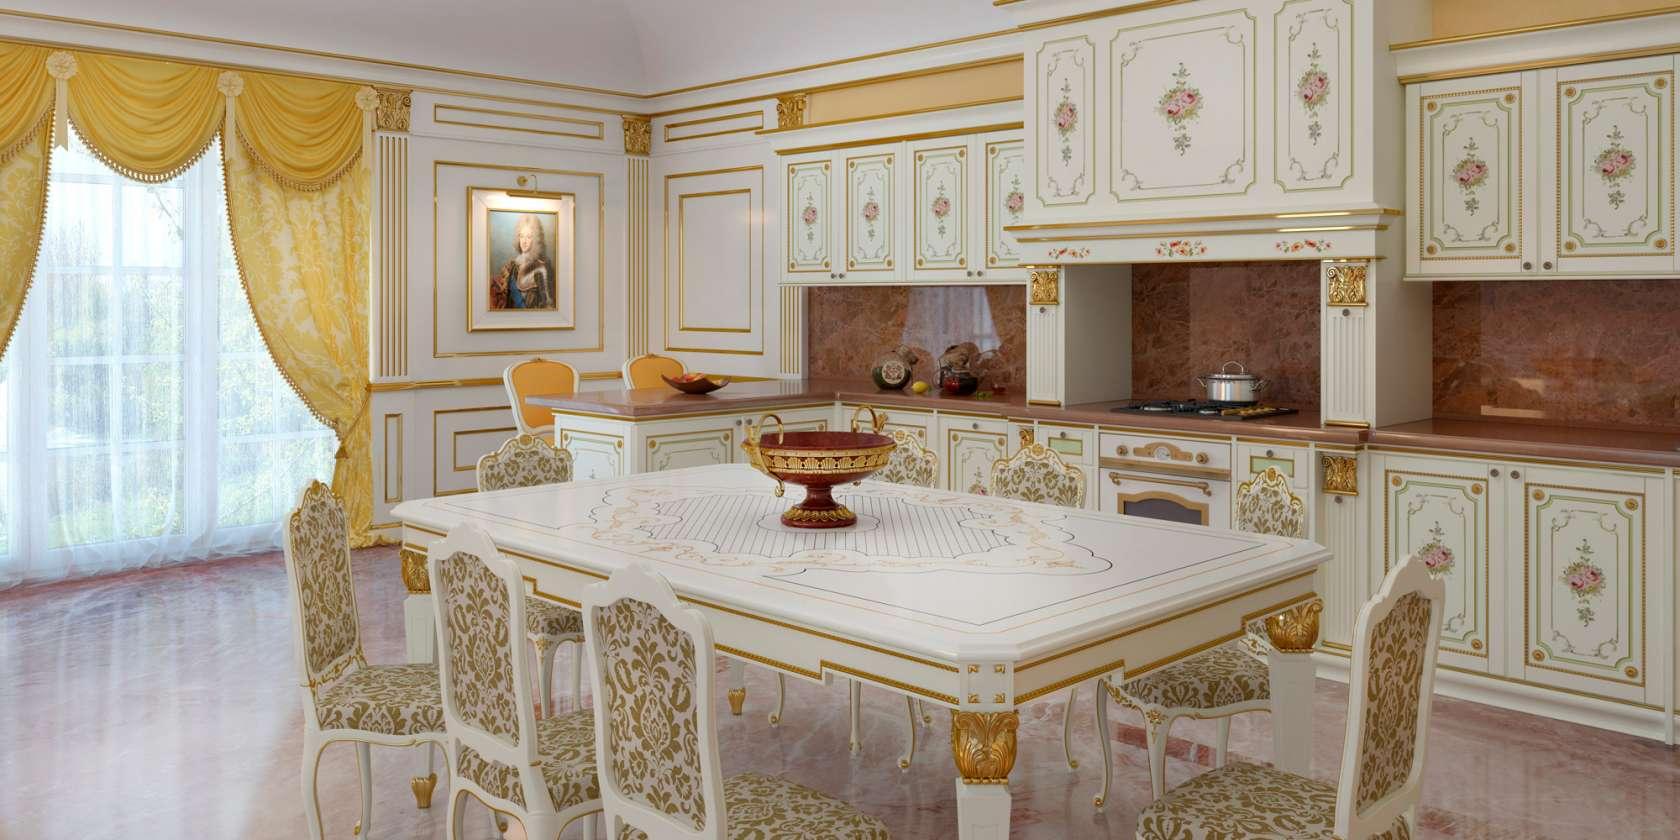 Mobili di lusso per cucina lo stile classico tra i fornelli for Mobili di lusso outlet